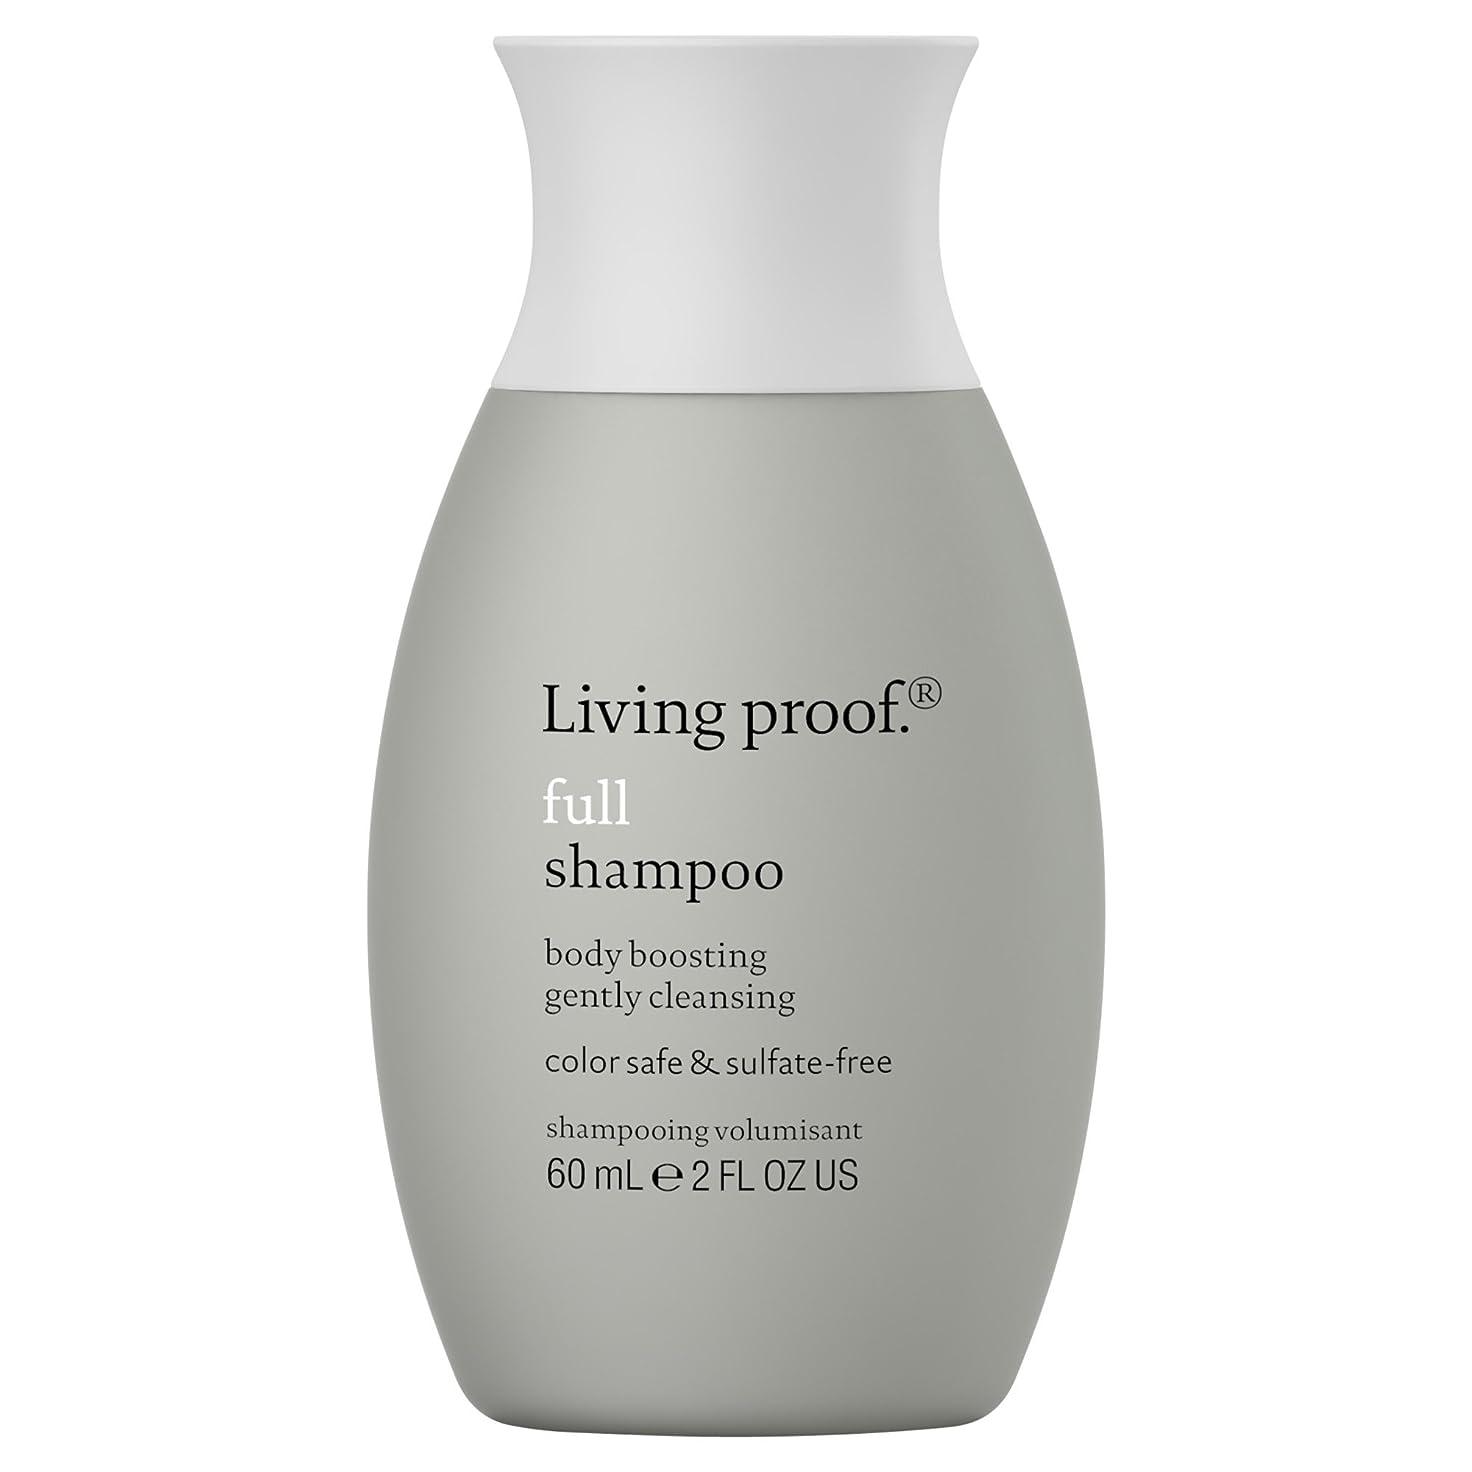 適切に希少性接続生きている証拠フルシャンプー60ミリリットル (Living Proof) (x2) - Living Proof Full Shampoo 60ml (Pack of 2) [並行輸入品]